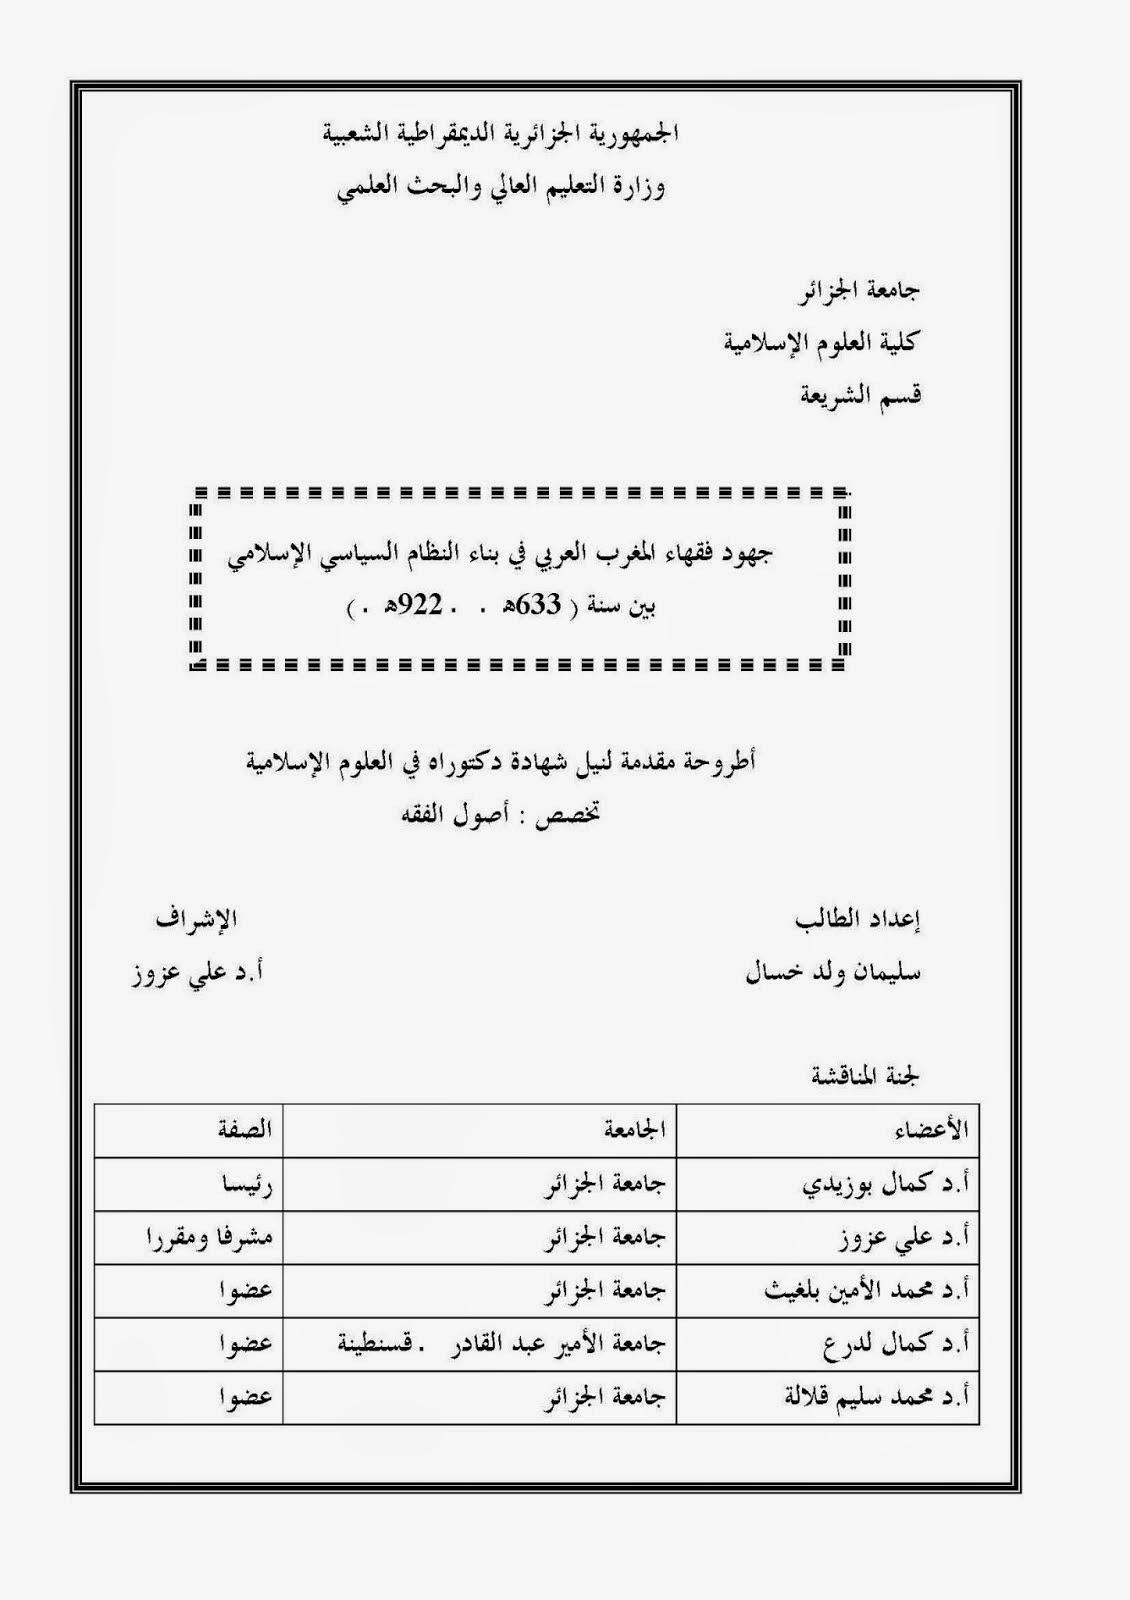 جهود فقهاء المغرب العربي في بناء النظام السياسي الإسلامي بين سنة (633هـ -922هـ) - رسالة دكتوراه